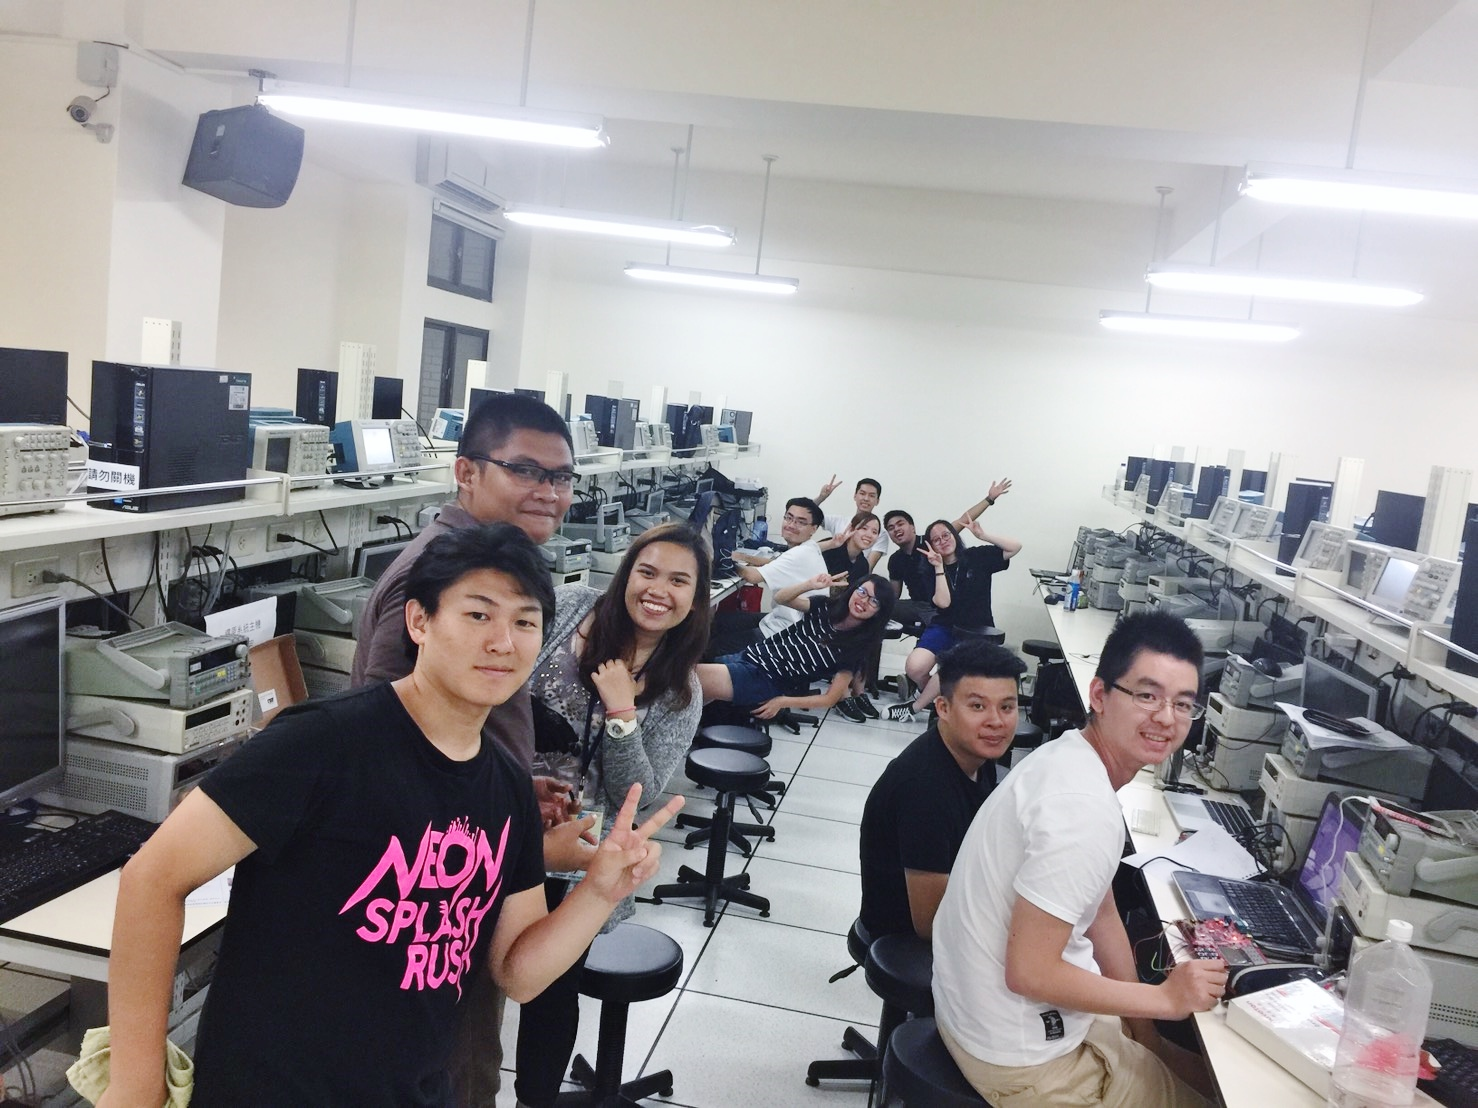 通稿照片7-中原電機的國際營隊不再只是體驗文化國情與參訪,還匯聚了跨國間的專業領域研習交流。晚上十點熱情的團員成員合作無間.jpg